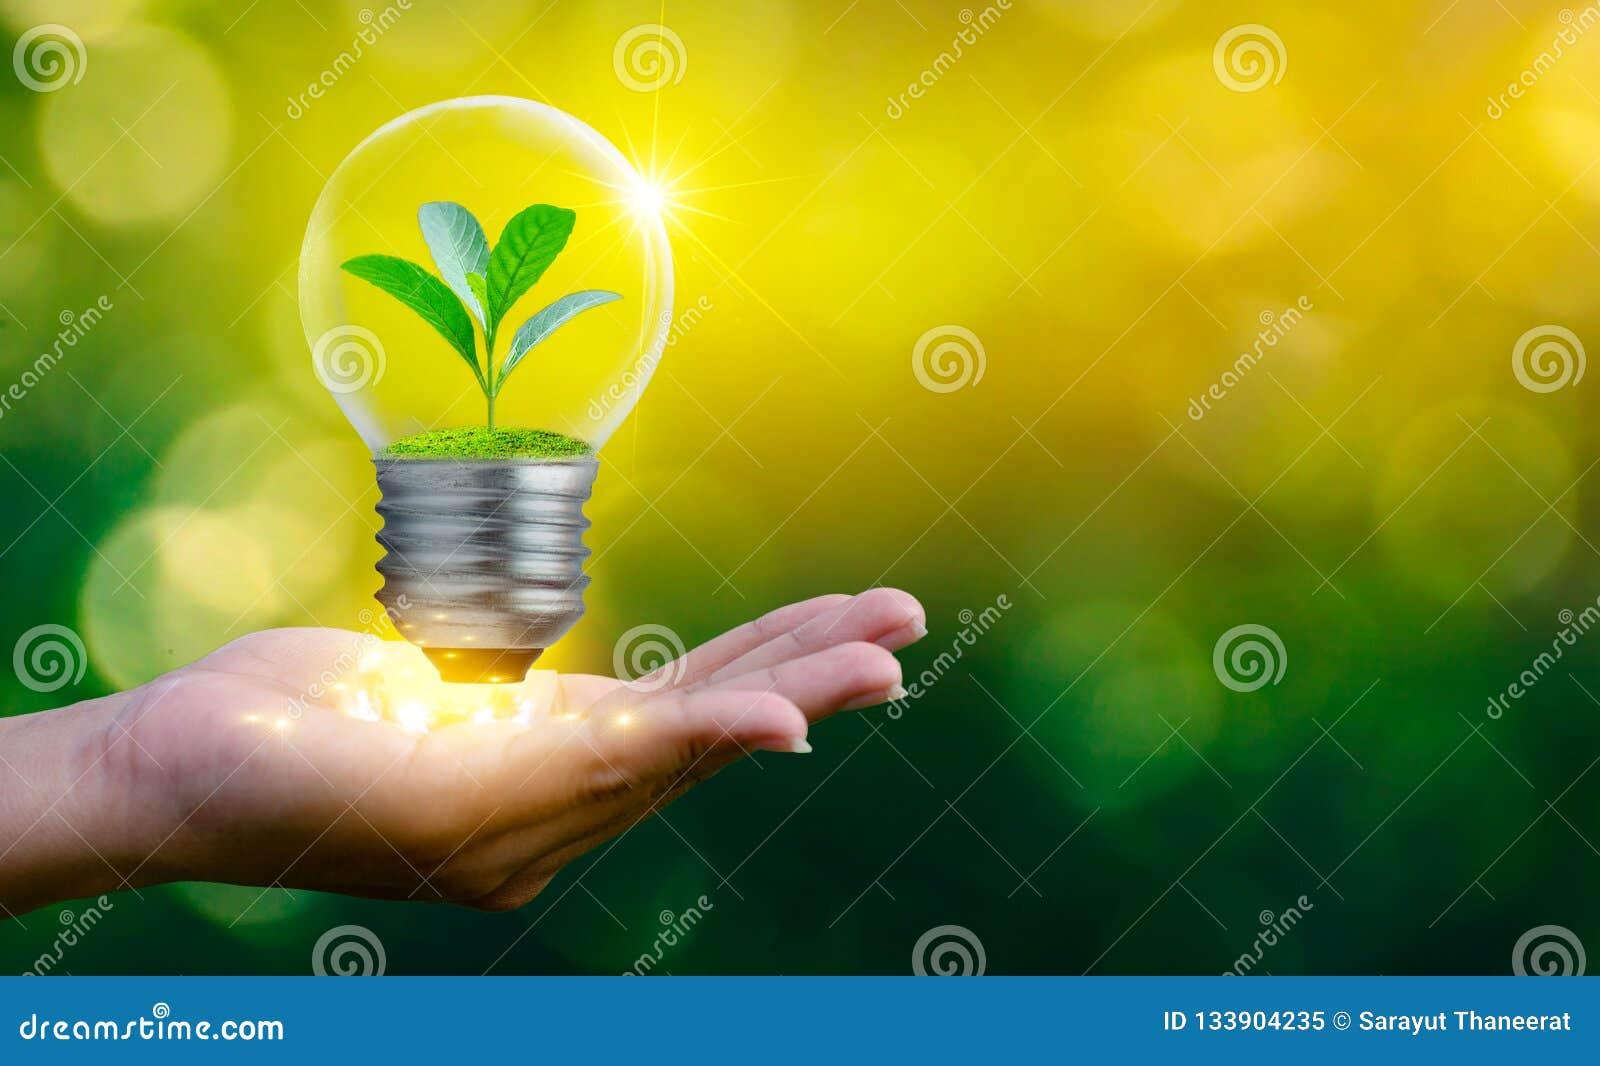 森林和树在光 环境保护和全球性变暖的概念种植增长的里面灯bul